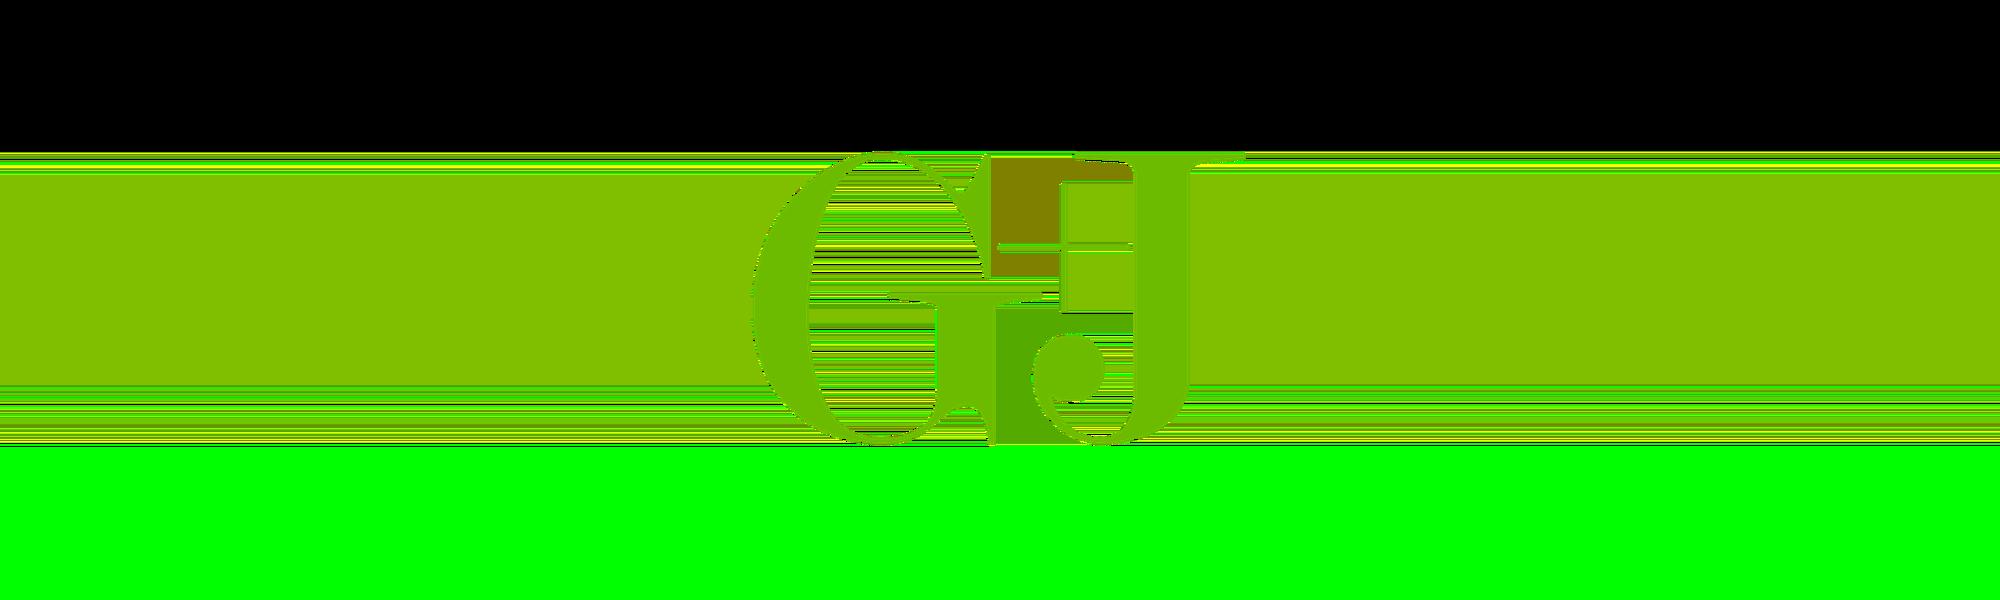 gruner-jahr